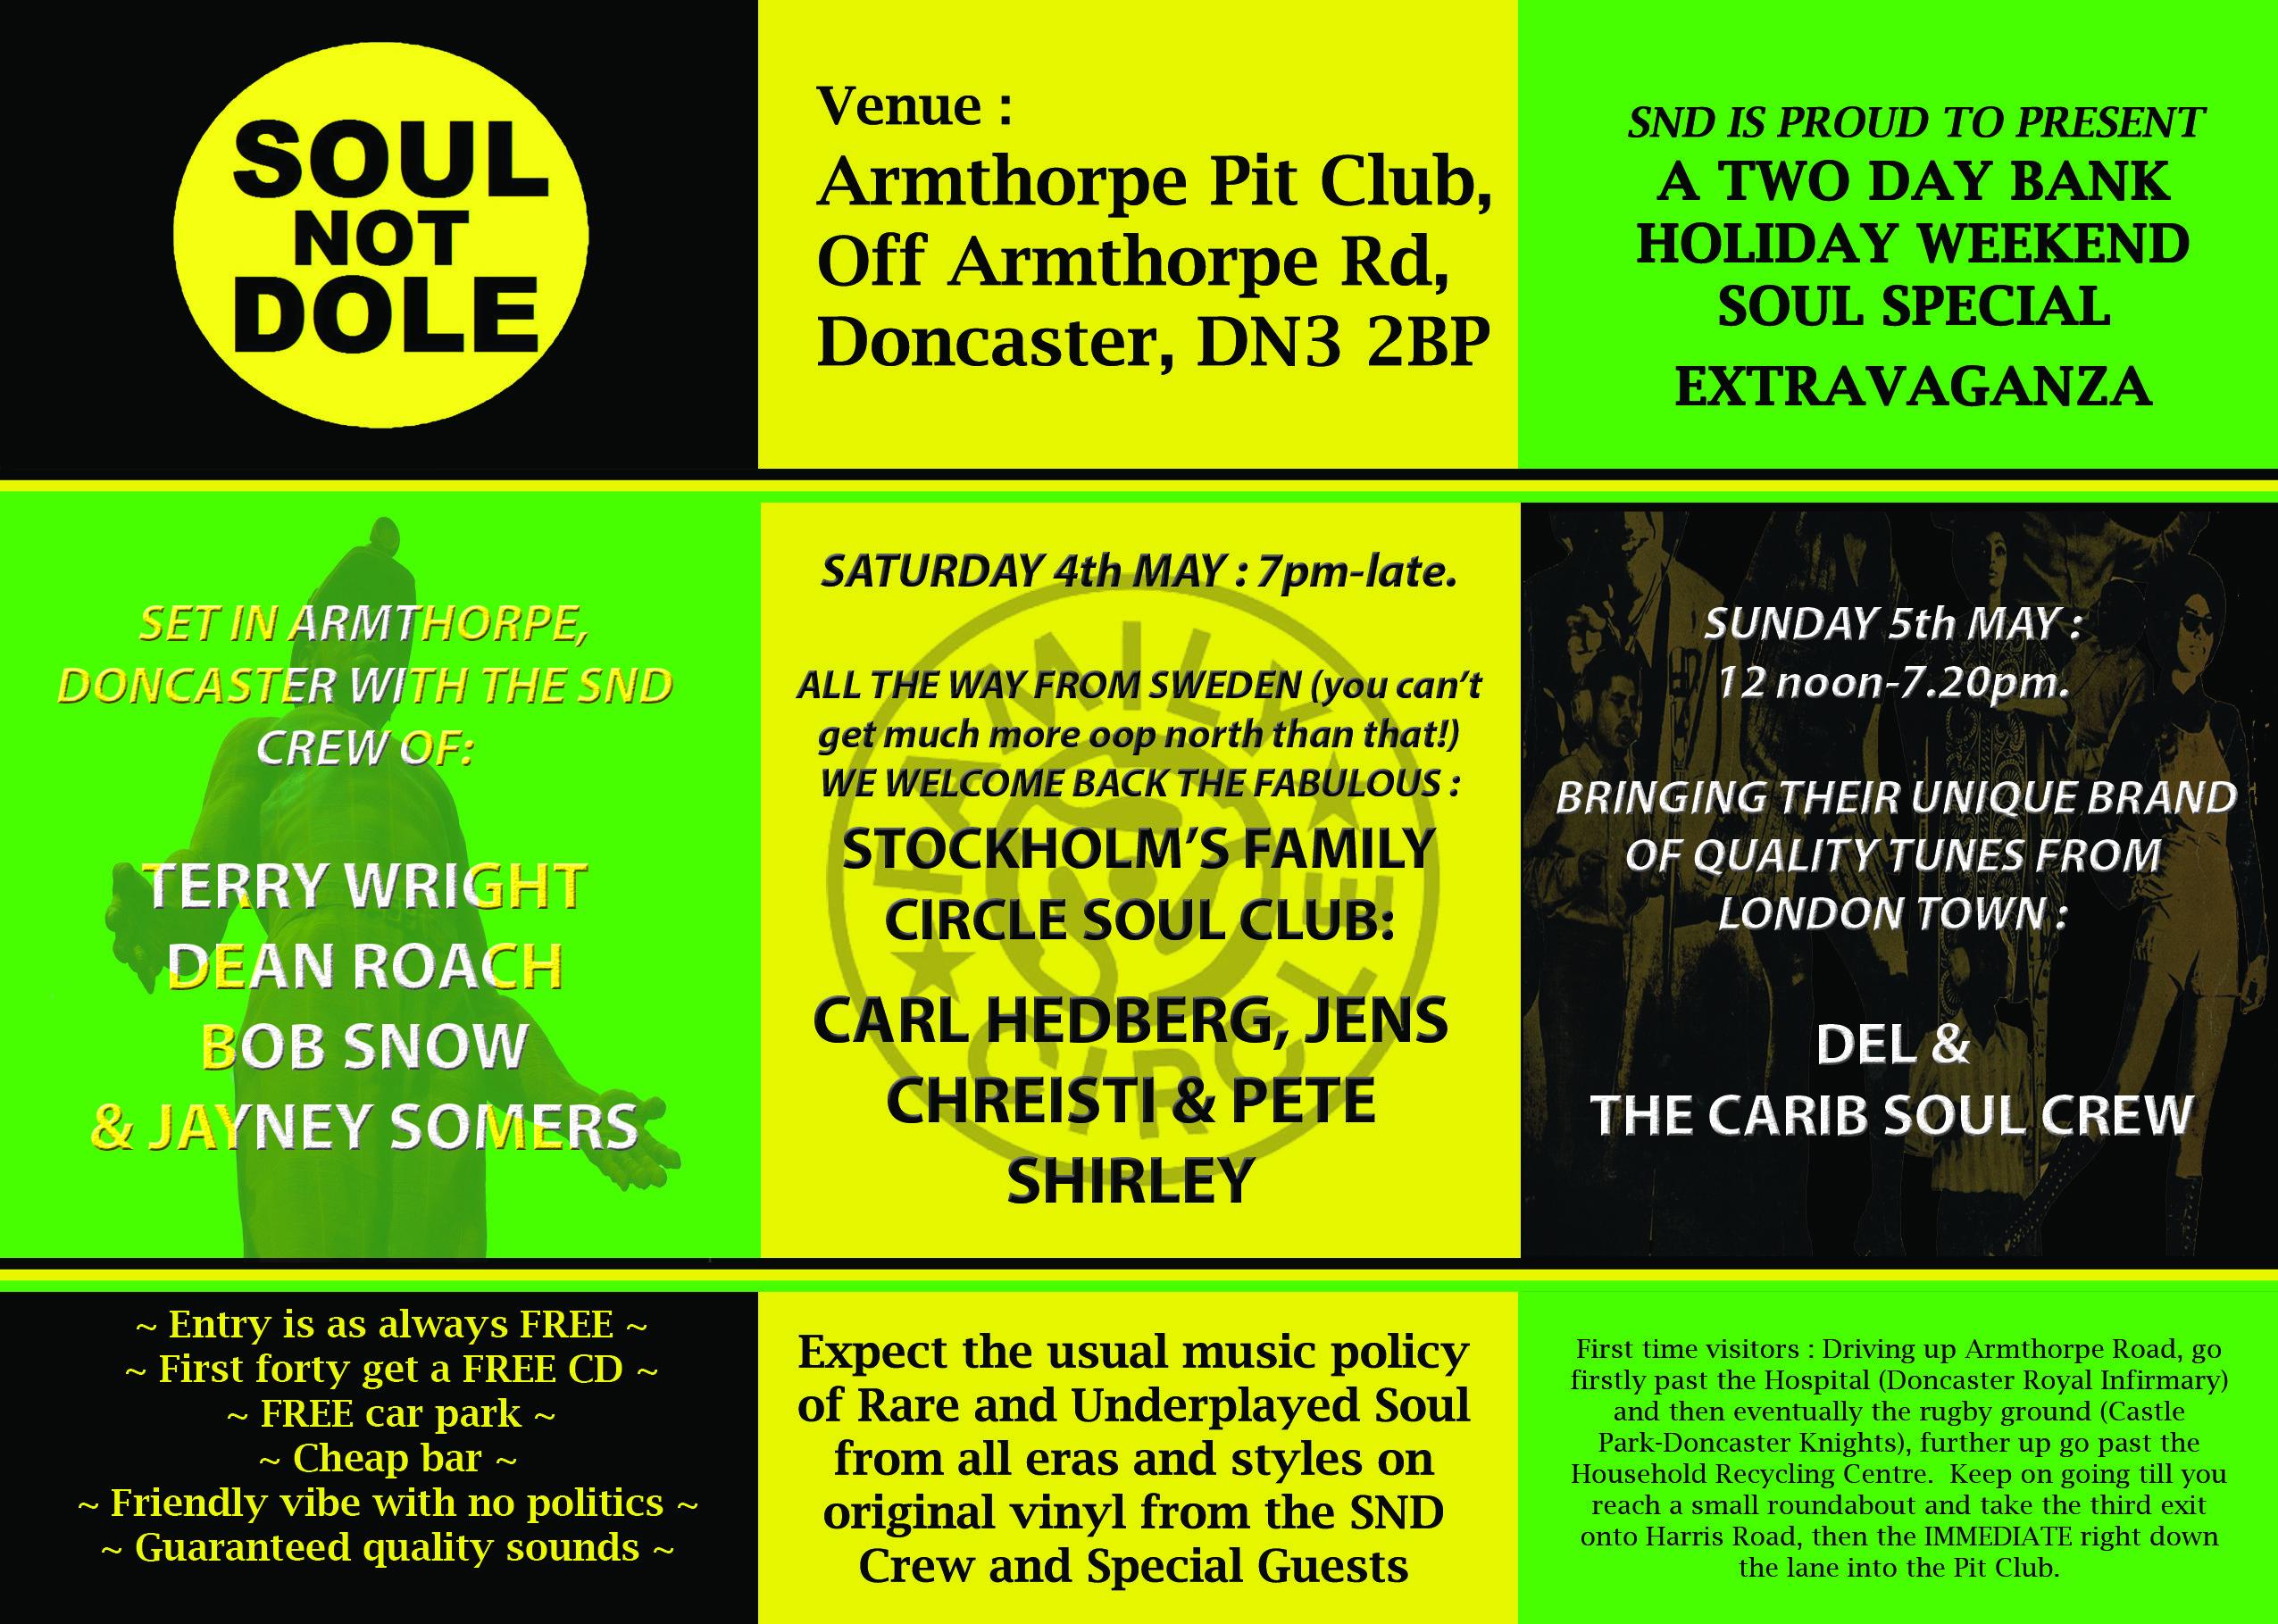 SOUL NOT DOLE DONCASTER - Alldayers | Soul Source